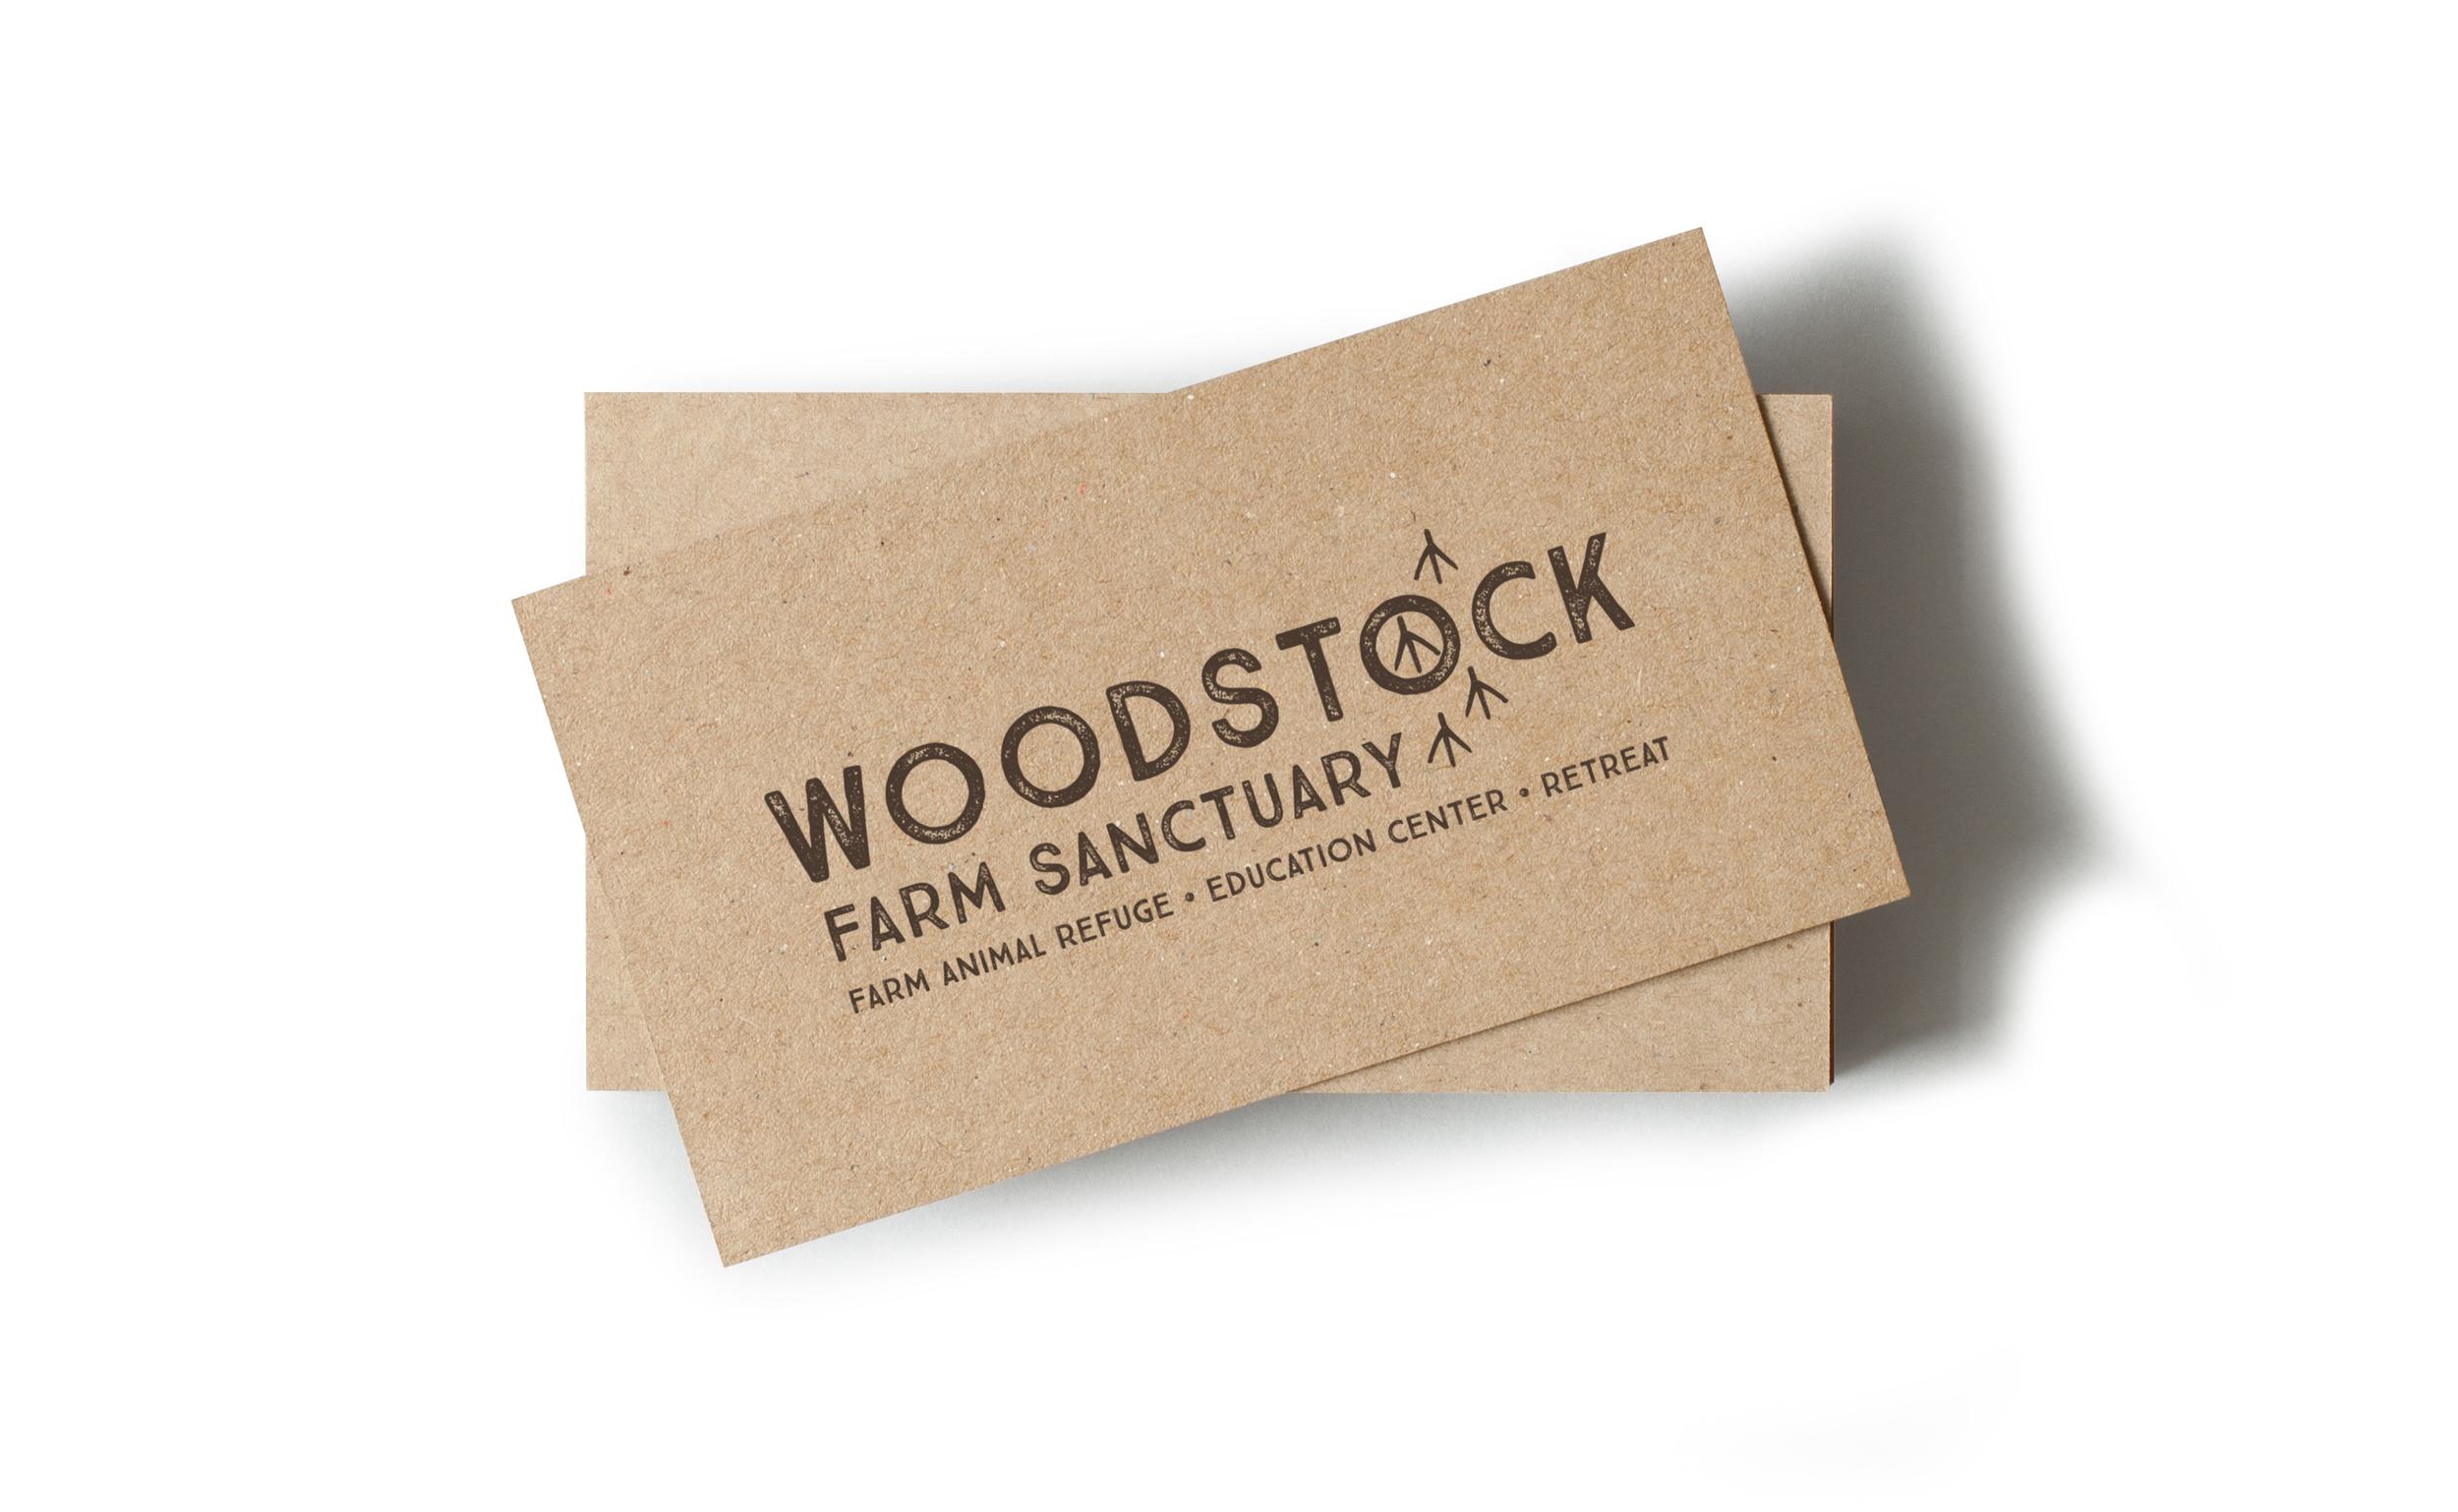 01_Woodstock_BusinessCardsWhite.jpg